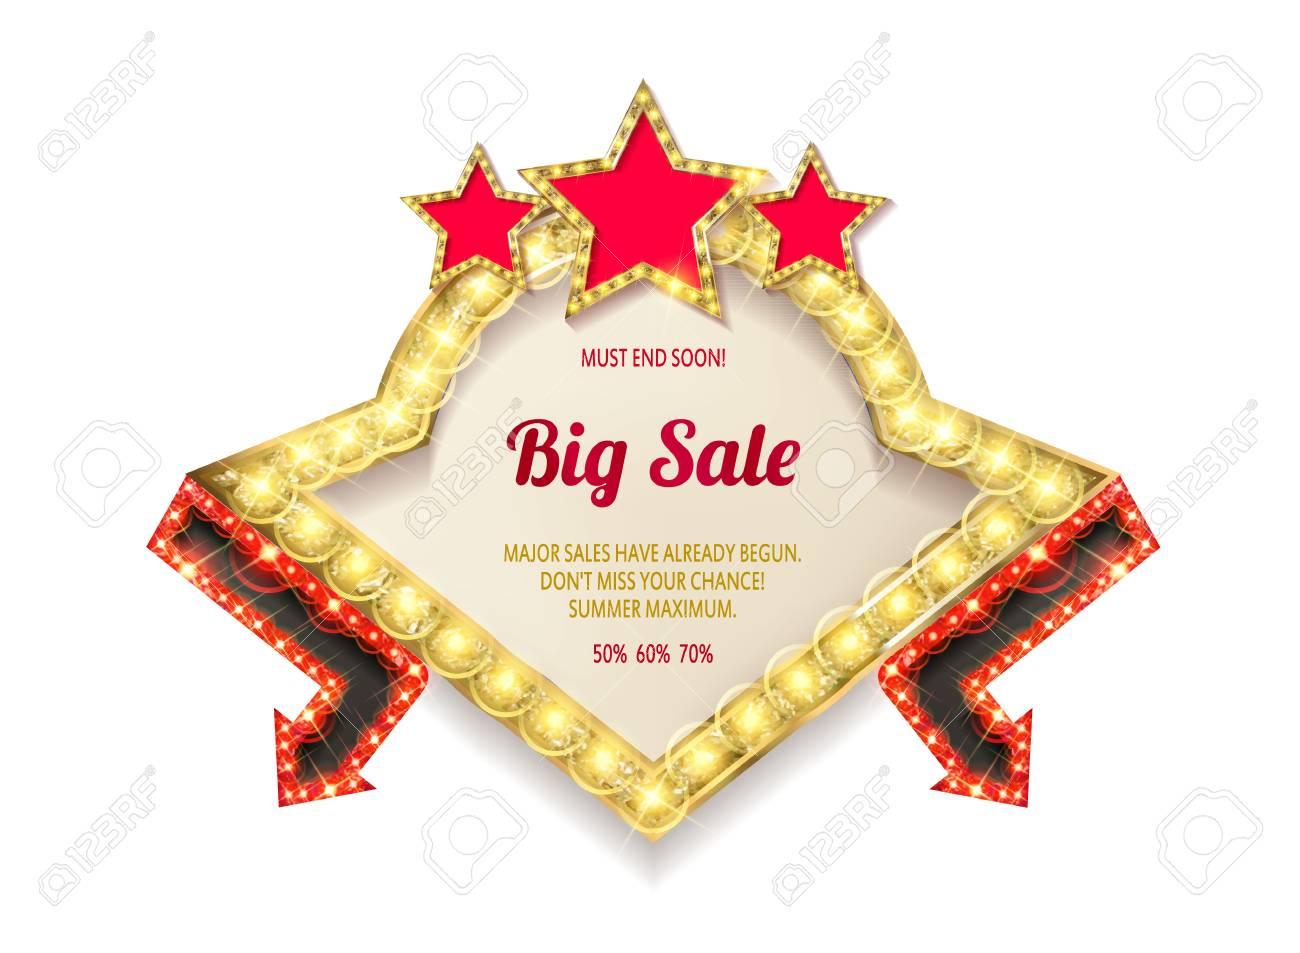 Ausgezeichnet Verkauf Auf Rahmen Fotos - Benutzerdefinierte ...